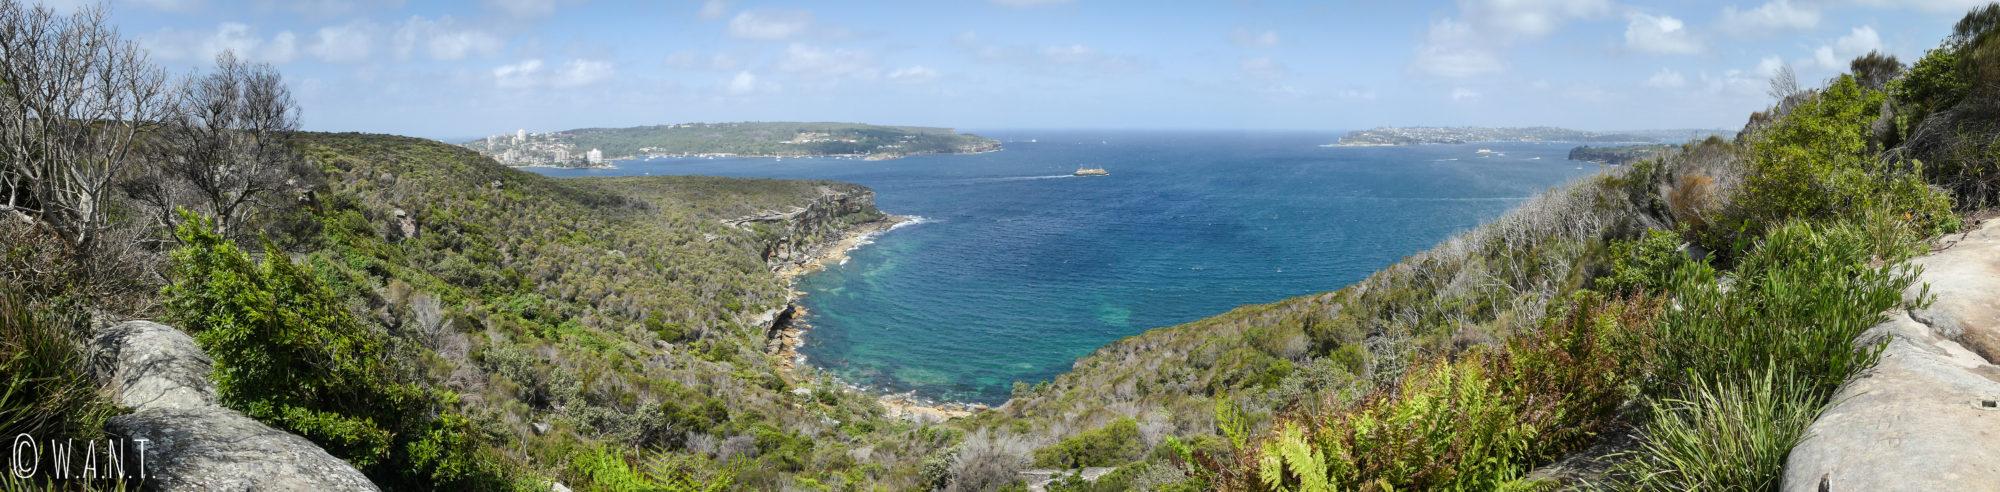 Panorama depuis Crater Cove sur la randonnée Manly Scenic Walkway près de Sydney